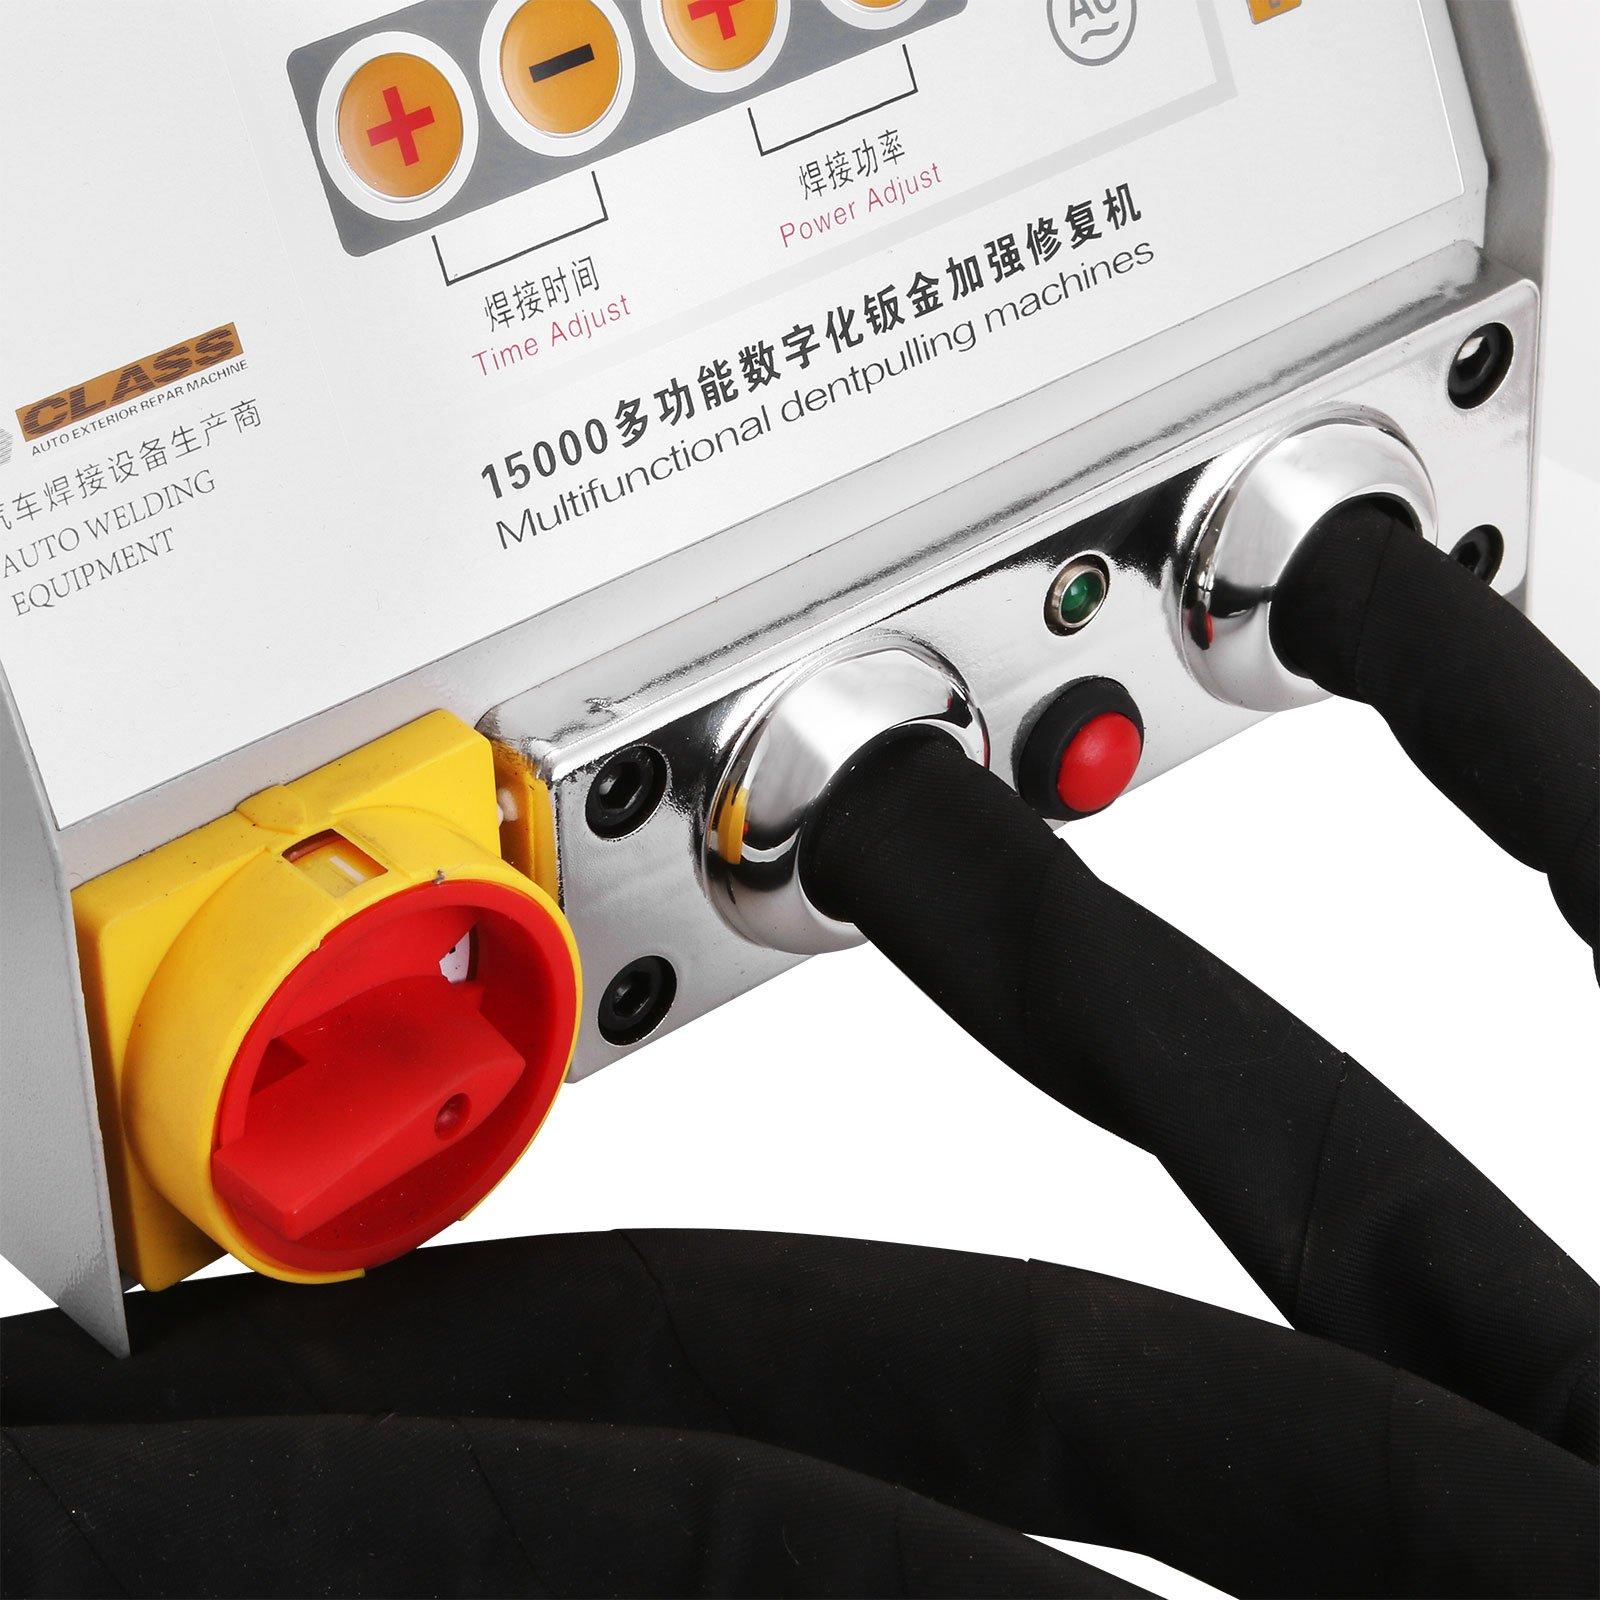 Bestauto Dent Puller 12KW Spot Welder 2600A Car Dent Repair for Vehicle Panel Spot Puller Dent Bonnet Door Repair by Bestauto (Image #5)